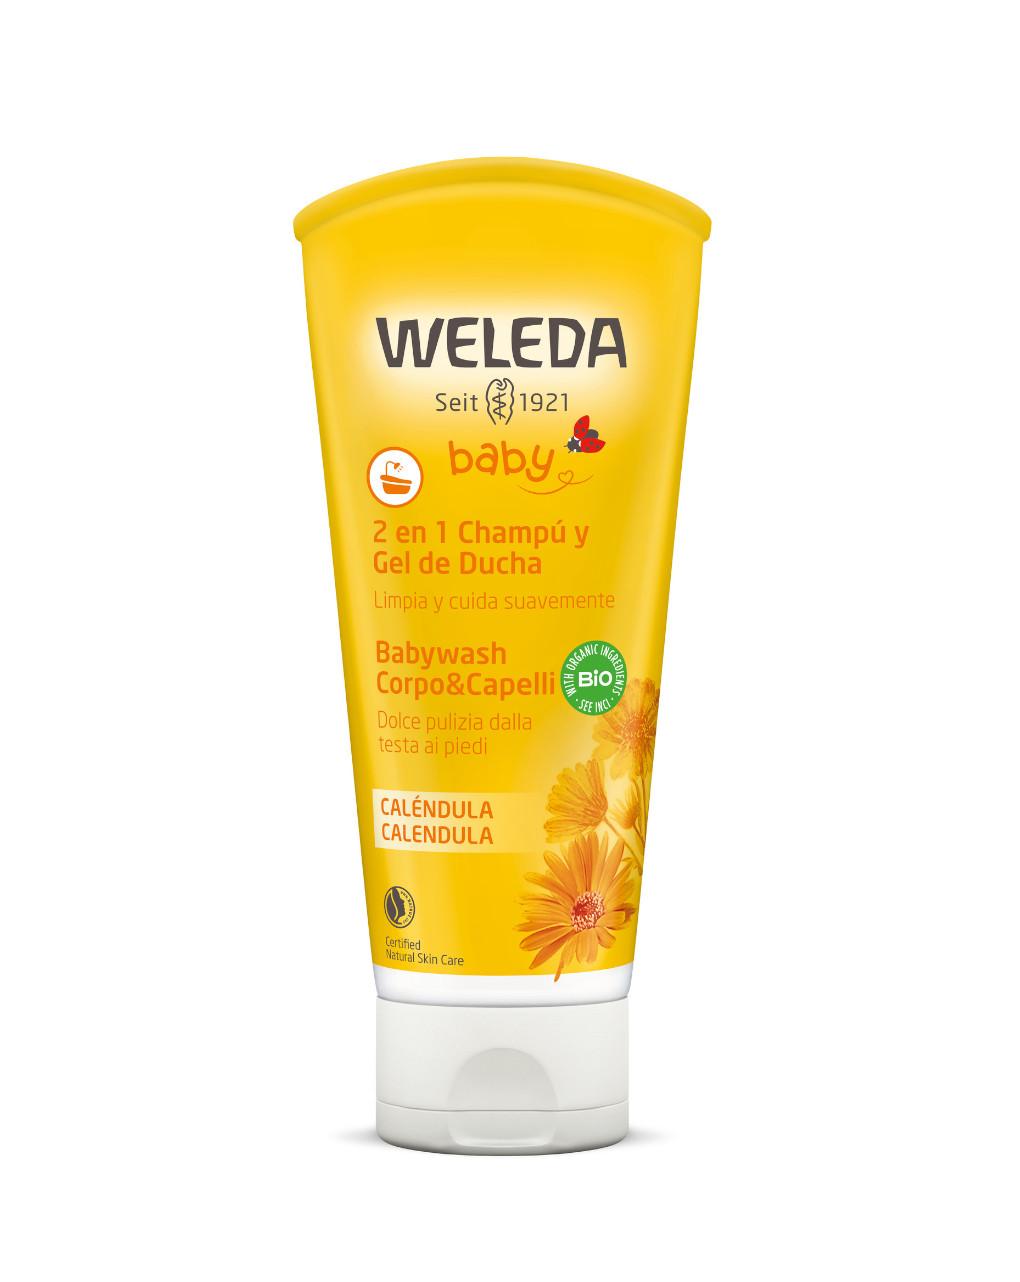 Babywash corpo & capelli calendula 200 ml - Weleda